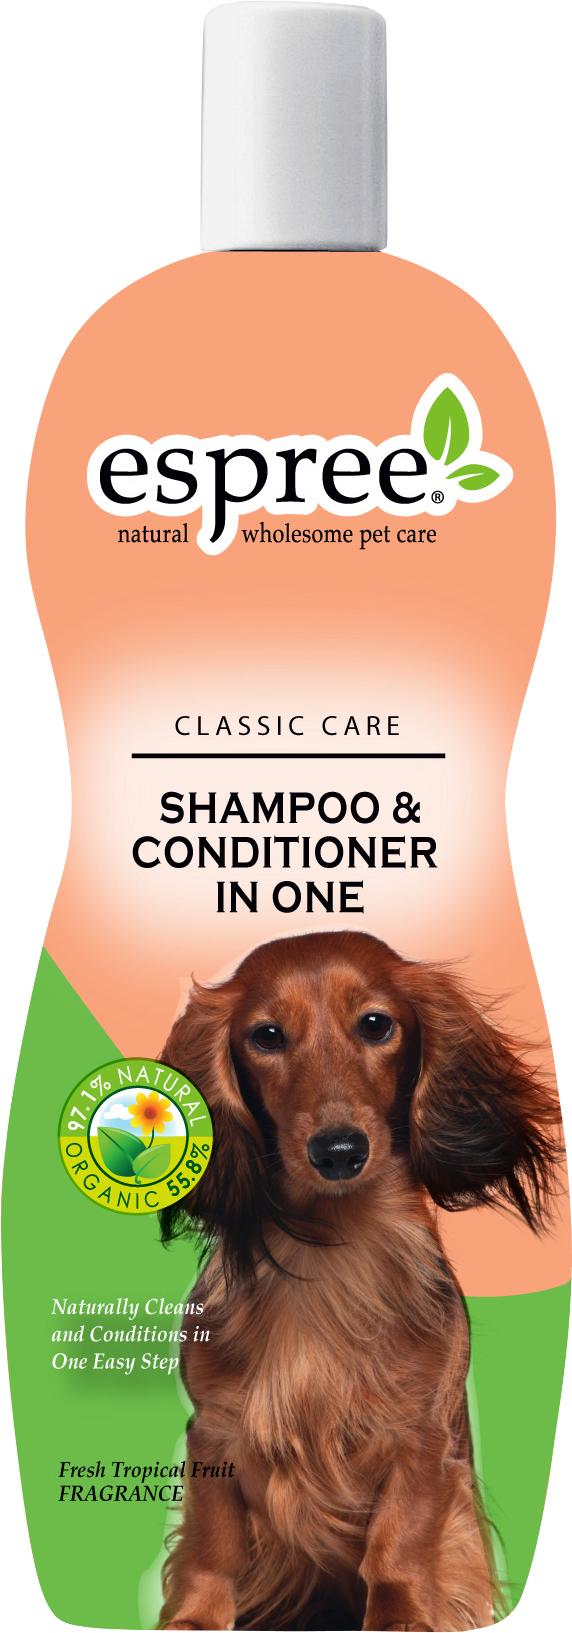 Hundschampo och Balsam Espree 2 in 1, 355 ml